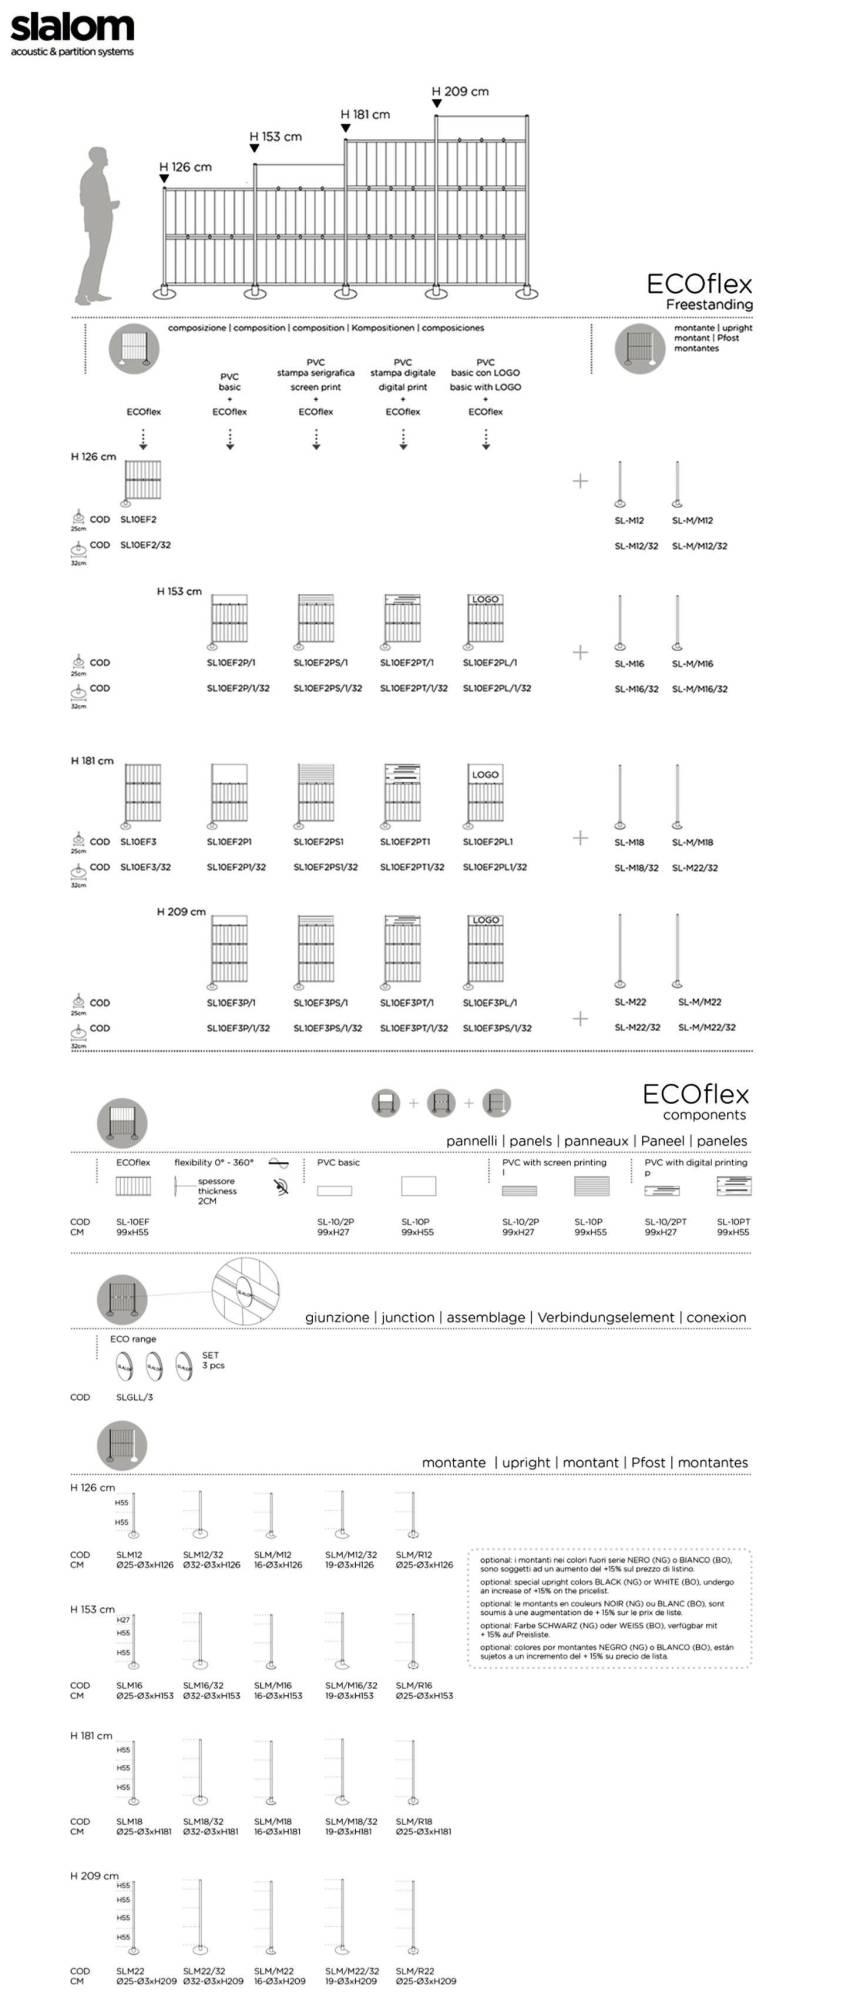 pannello_isolante_ecoflex_slalom_DETTAGLI_TECNICI